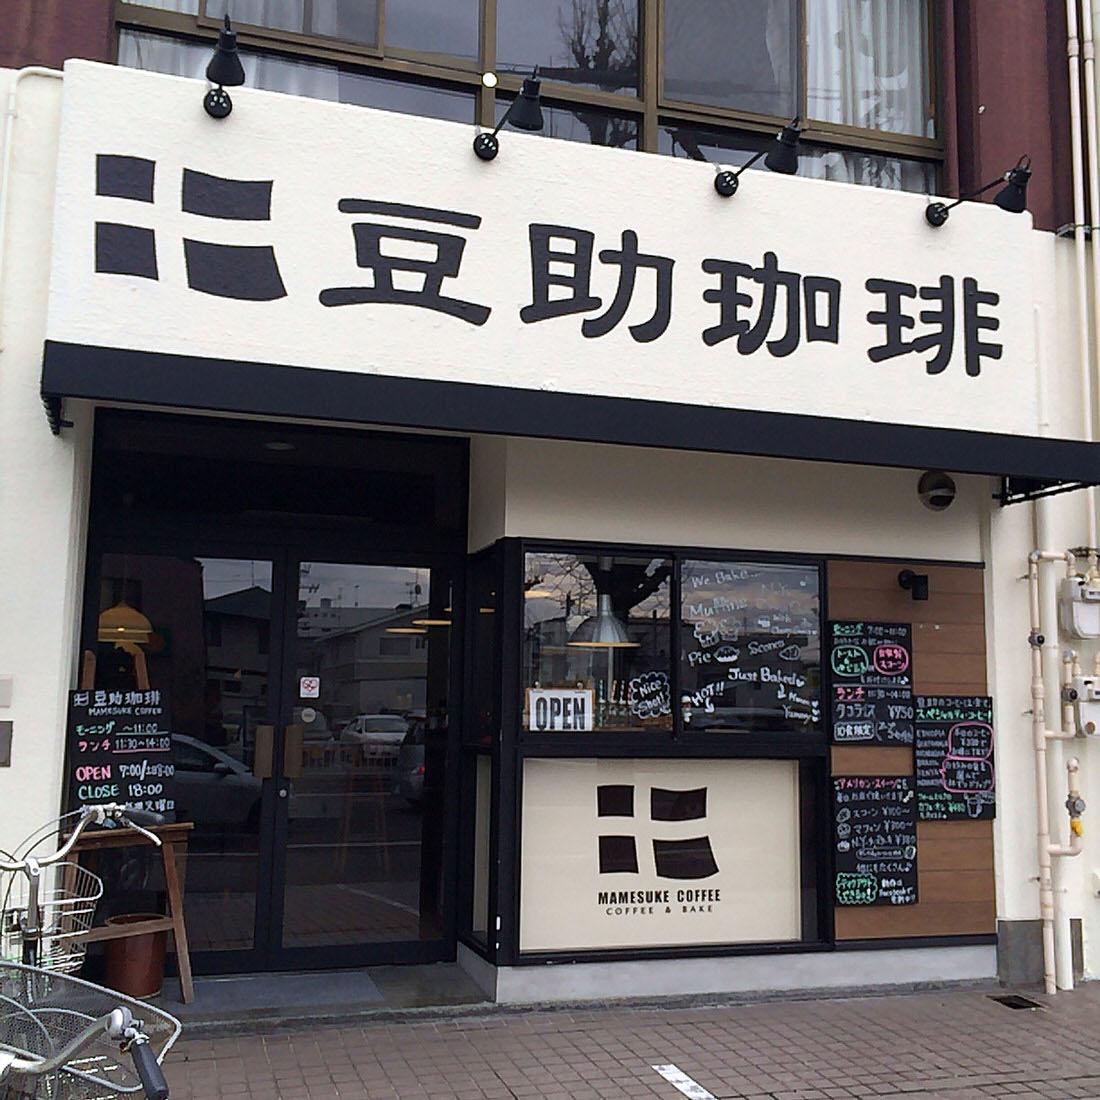 [名古屋・中村区]駐車場もあるオシャレな北欧風のカフェ『豆助珈琲』でまったりなひとときを…